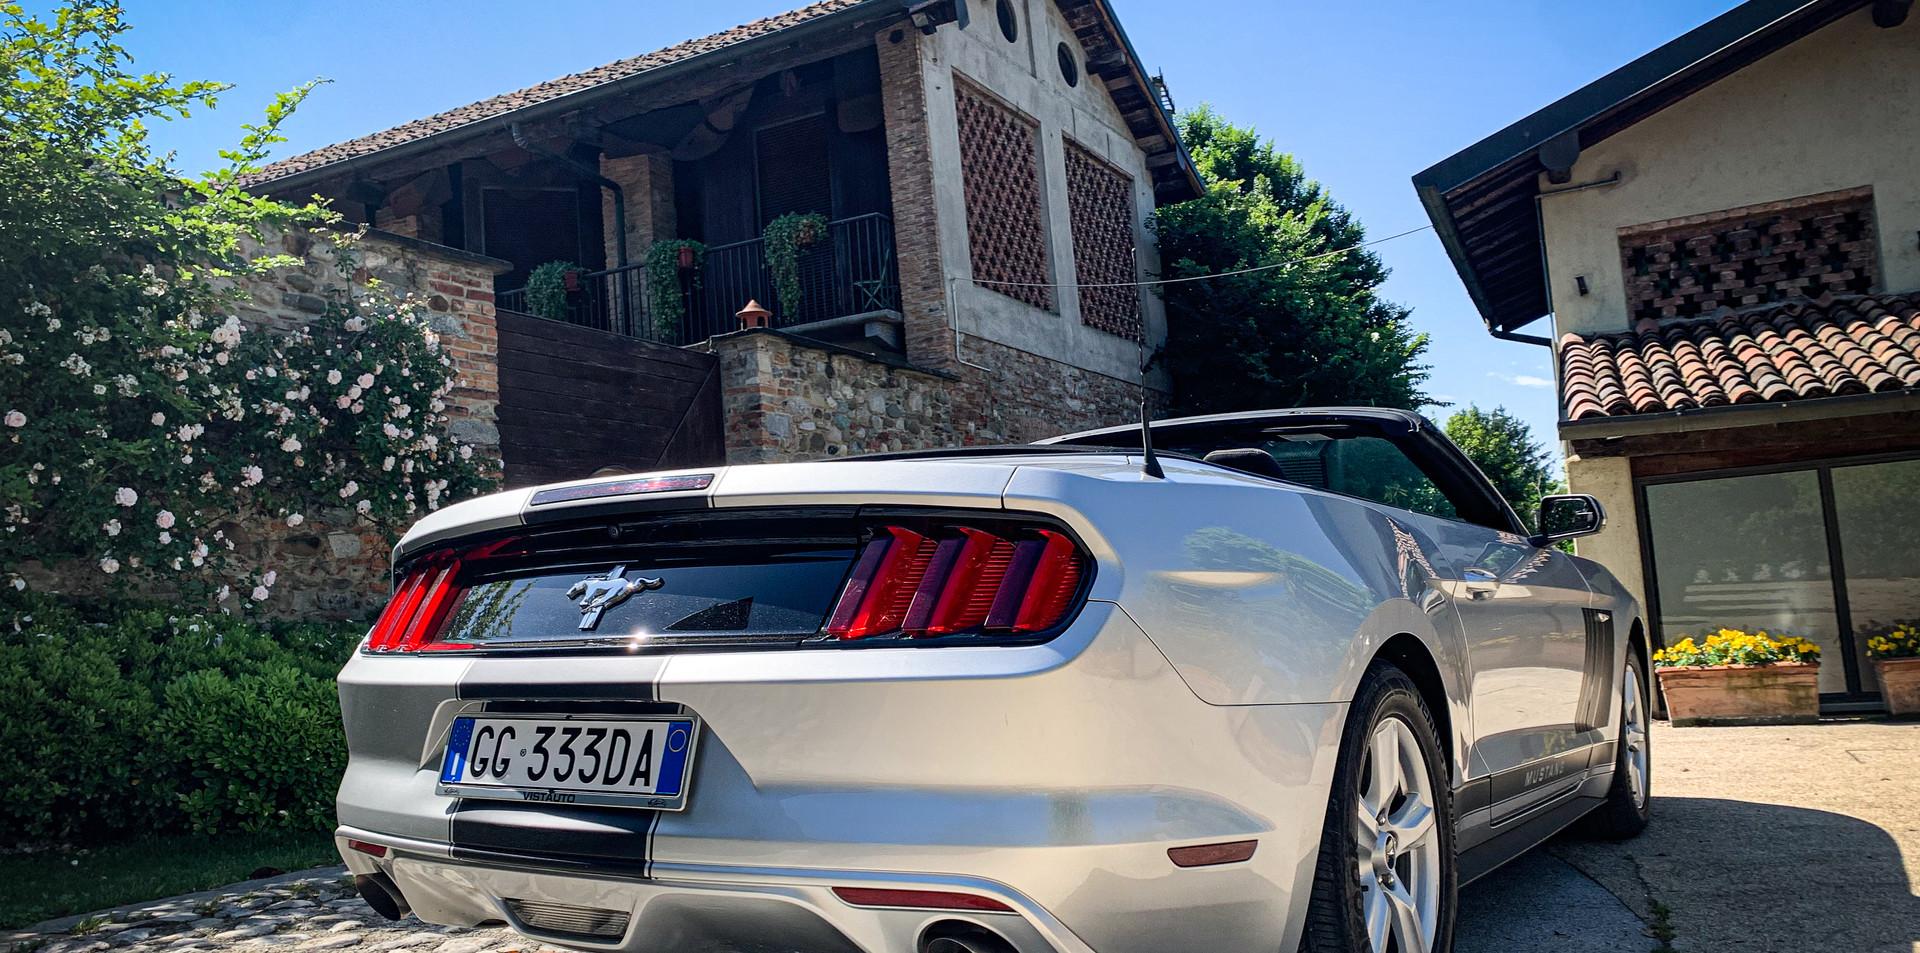 Noleggio Ford Mustang Matrimonio Milano